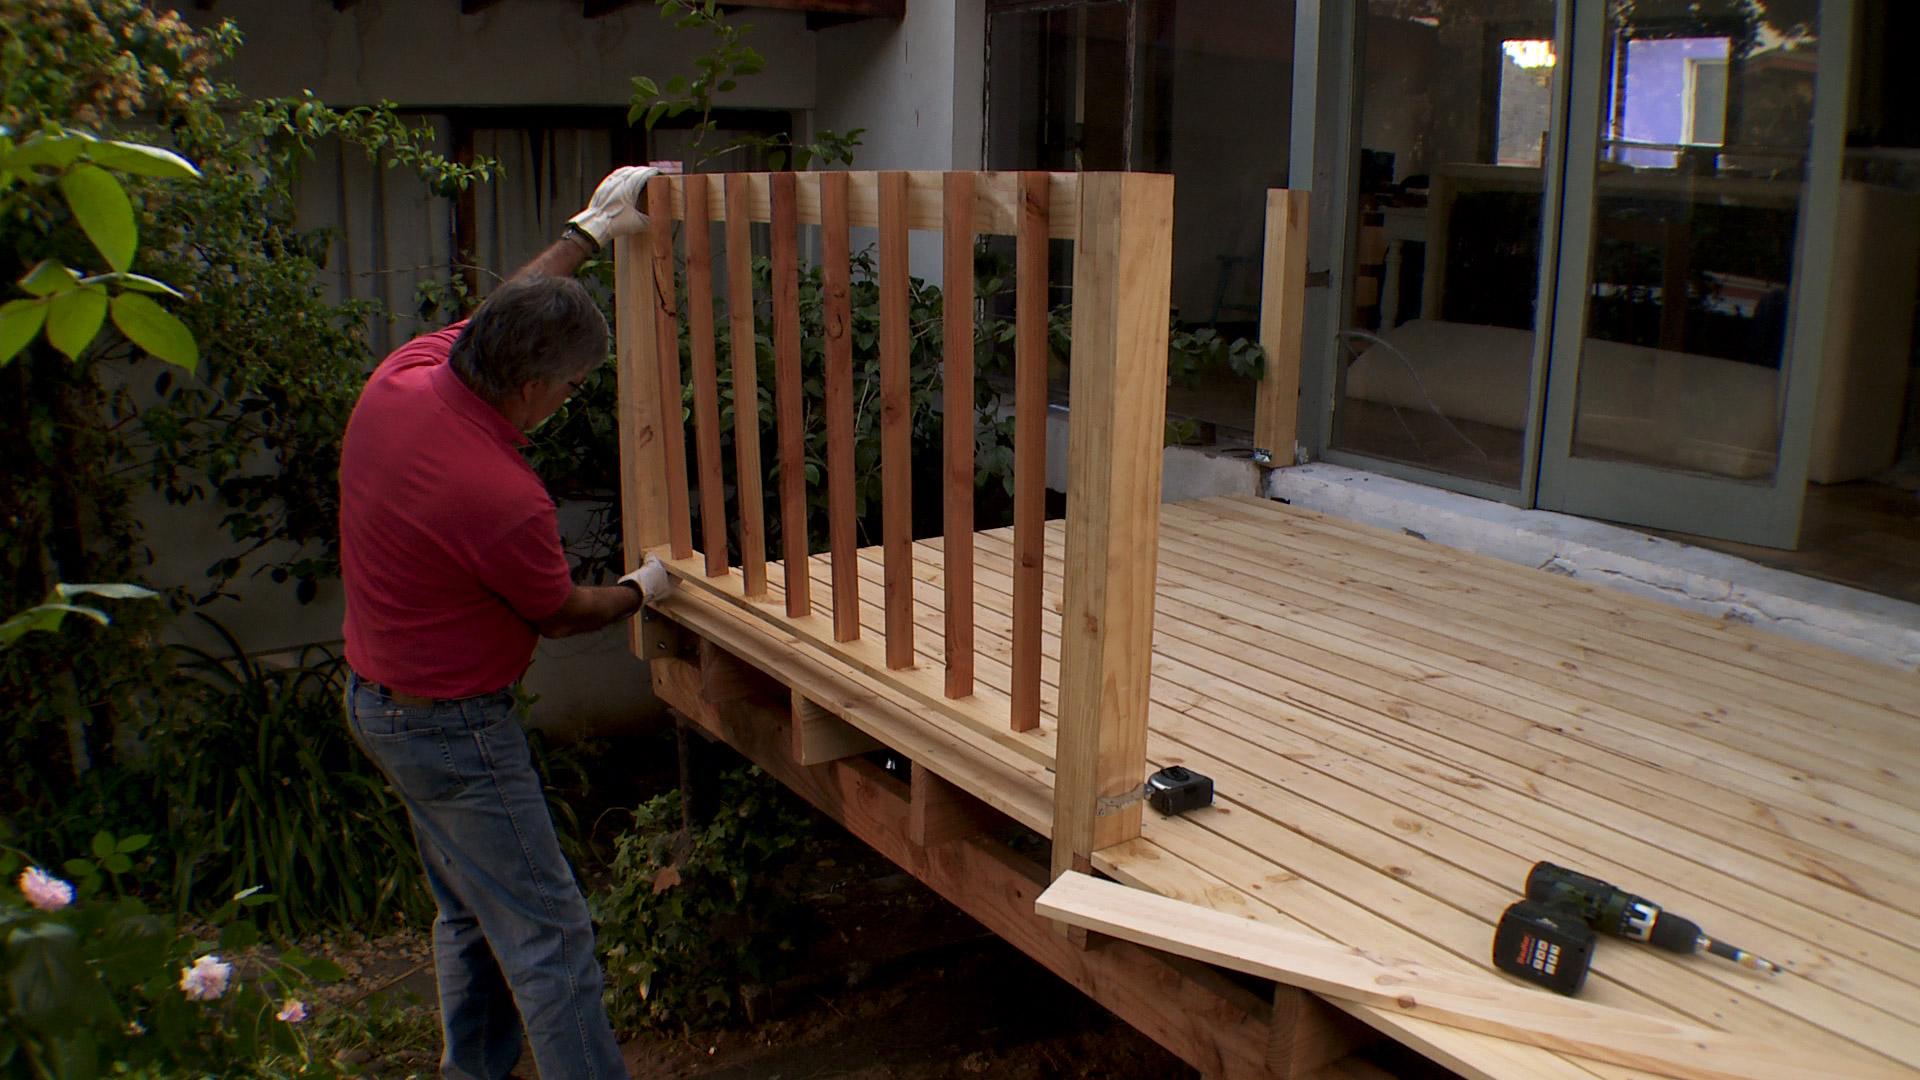 Los deck pueden tener diferentes alturas, en este caso haremos uno elevado para hacerlo coincidir con la salida de una ventana, para formar un espacio acogedor y aprovecharlo como terraza.